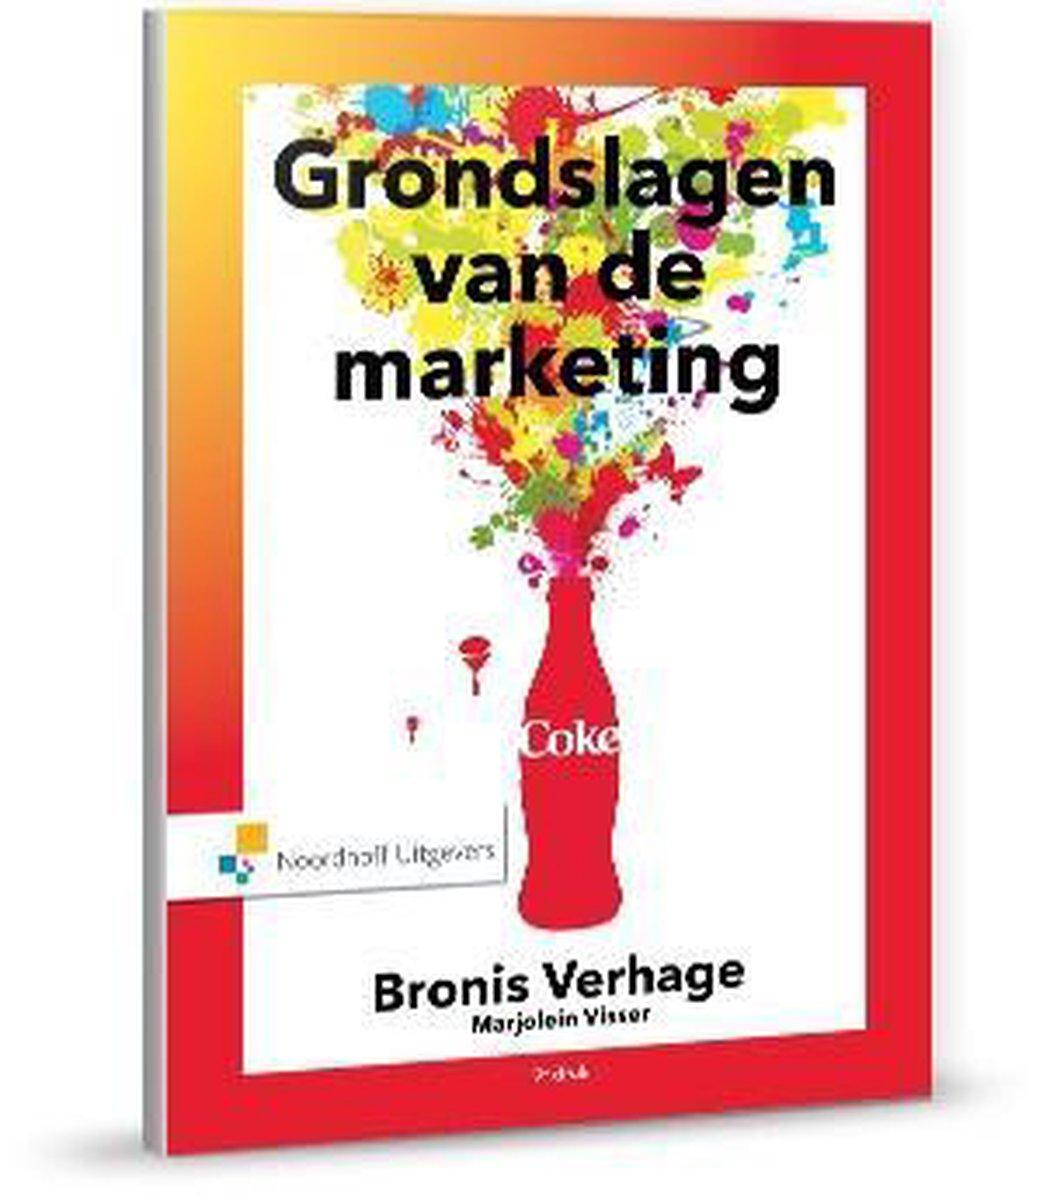 Grondslagen van de marketing - Bronis Verhage